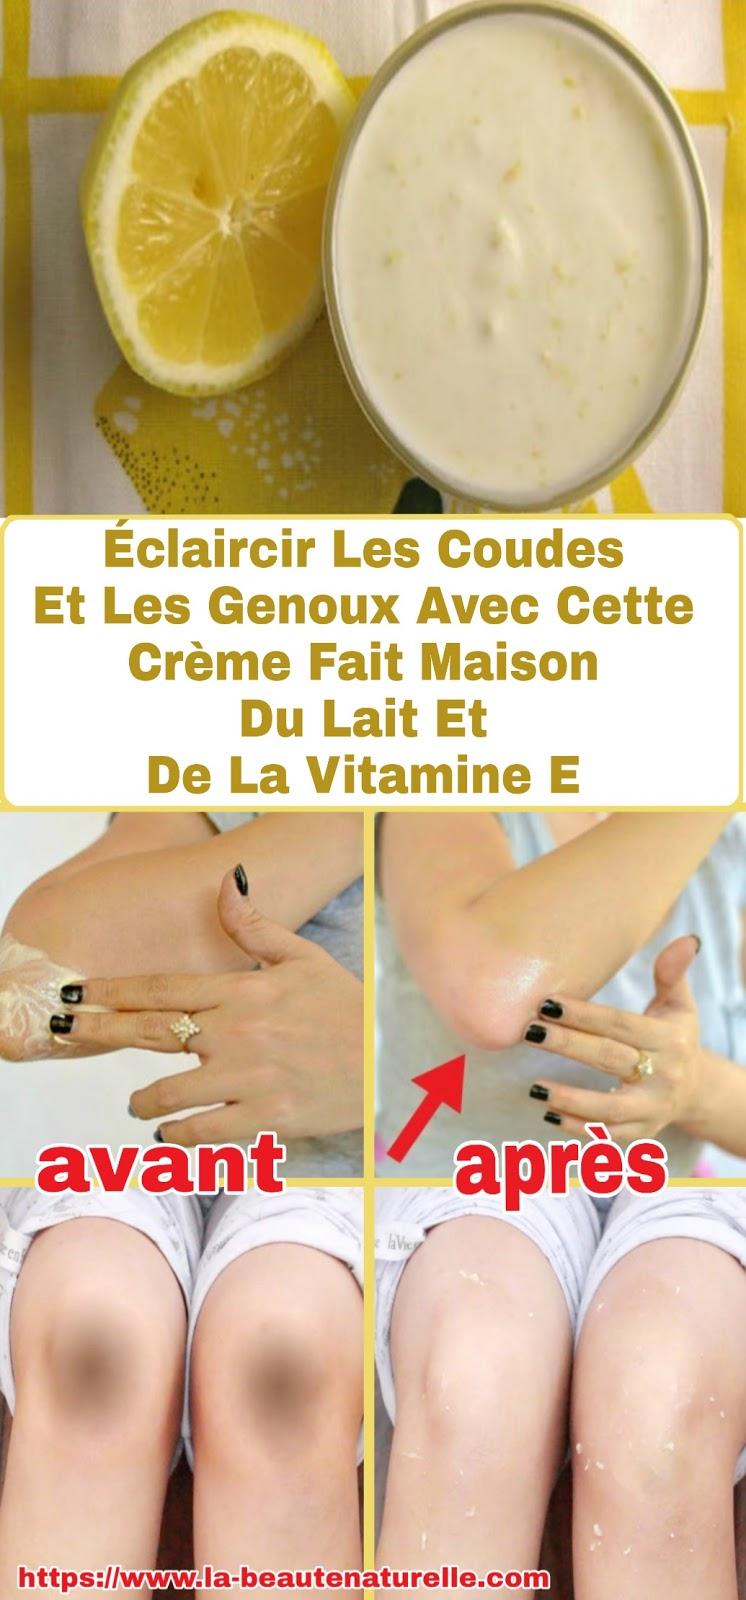 Éclaircir Les Coudes Et Les Genoux Avec Cette Crème Fait Maison Du Lait Et De La Vitamine E